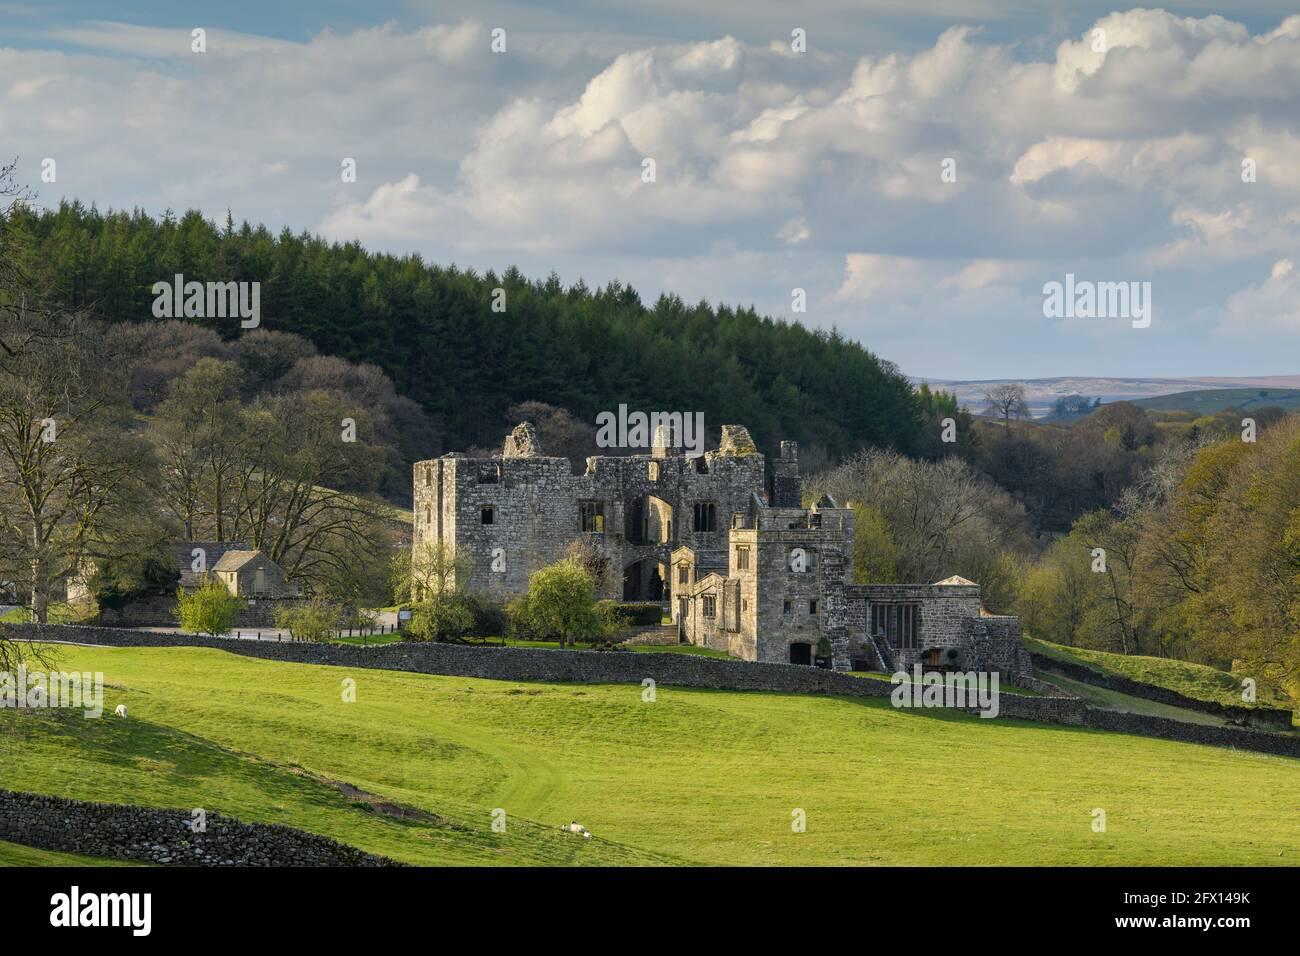 Barden Tower (antigua e histórica casa de caza arruina en un hermoso entorno rural) - pintoresca finca rural Bolton Abbey Estate, Yorkshire Dales, Inglaterra, Reino Unido. Foto de stock